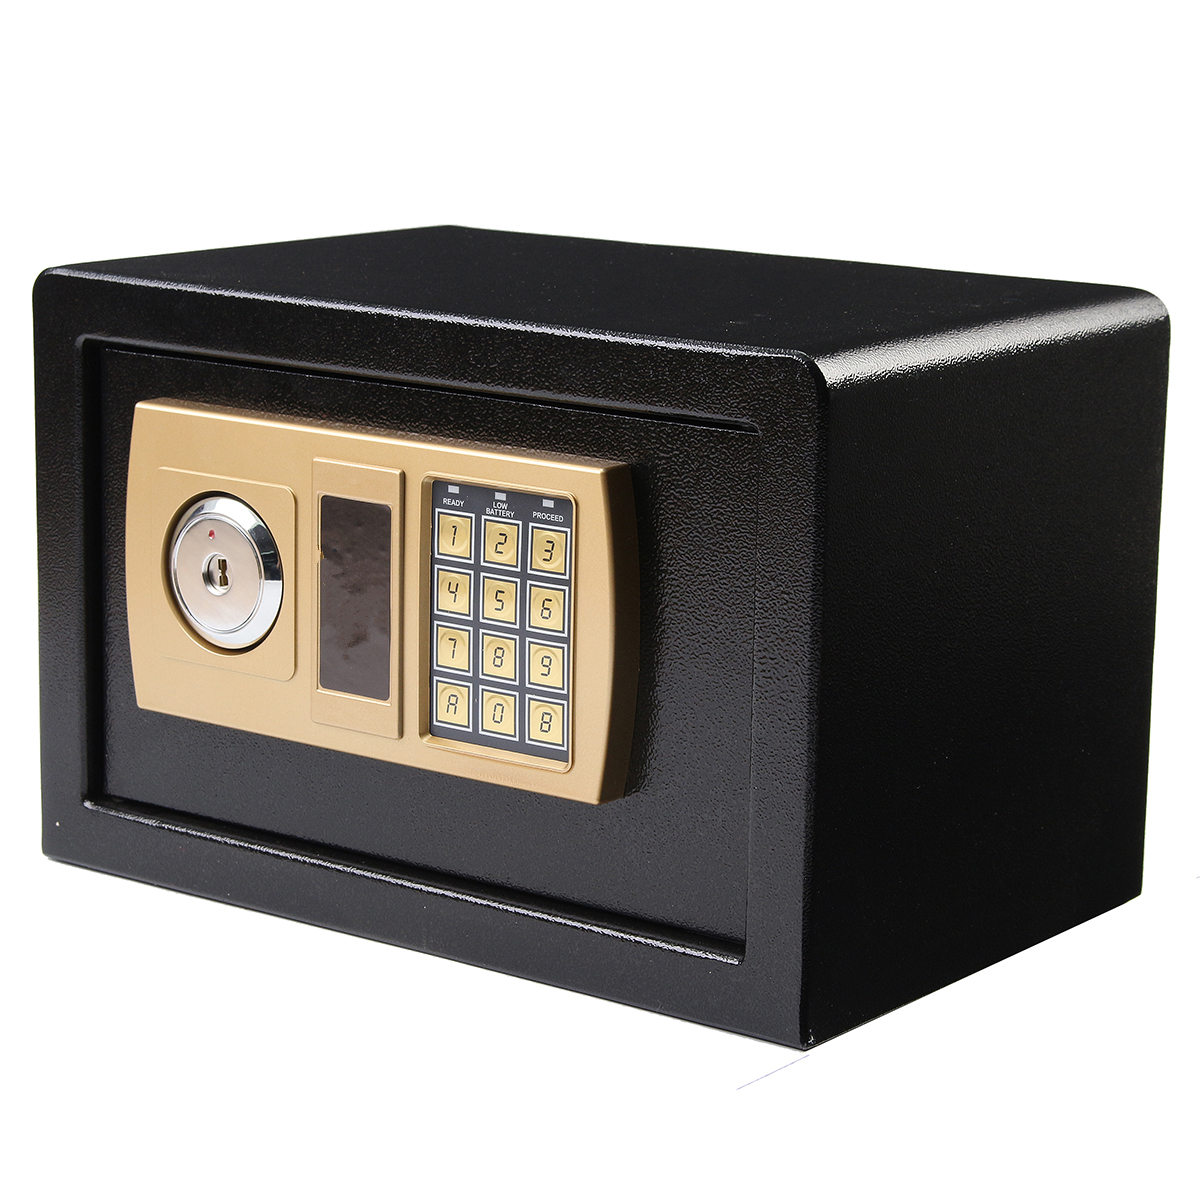 Safurance luxe numérique dépôt Drop Cash coffre-fort bijoux maison hôtel serrure clavier noir sécurité boîte 2018 tout neuf